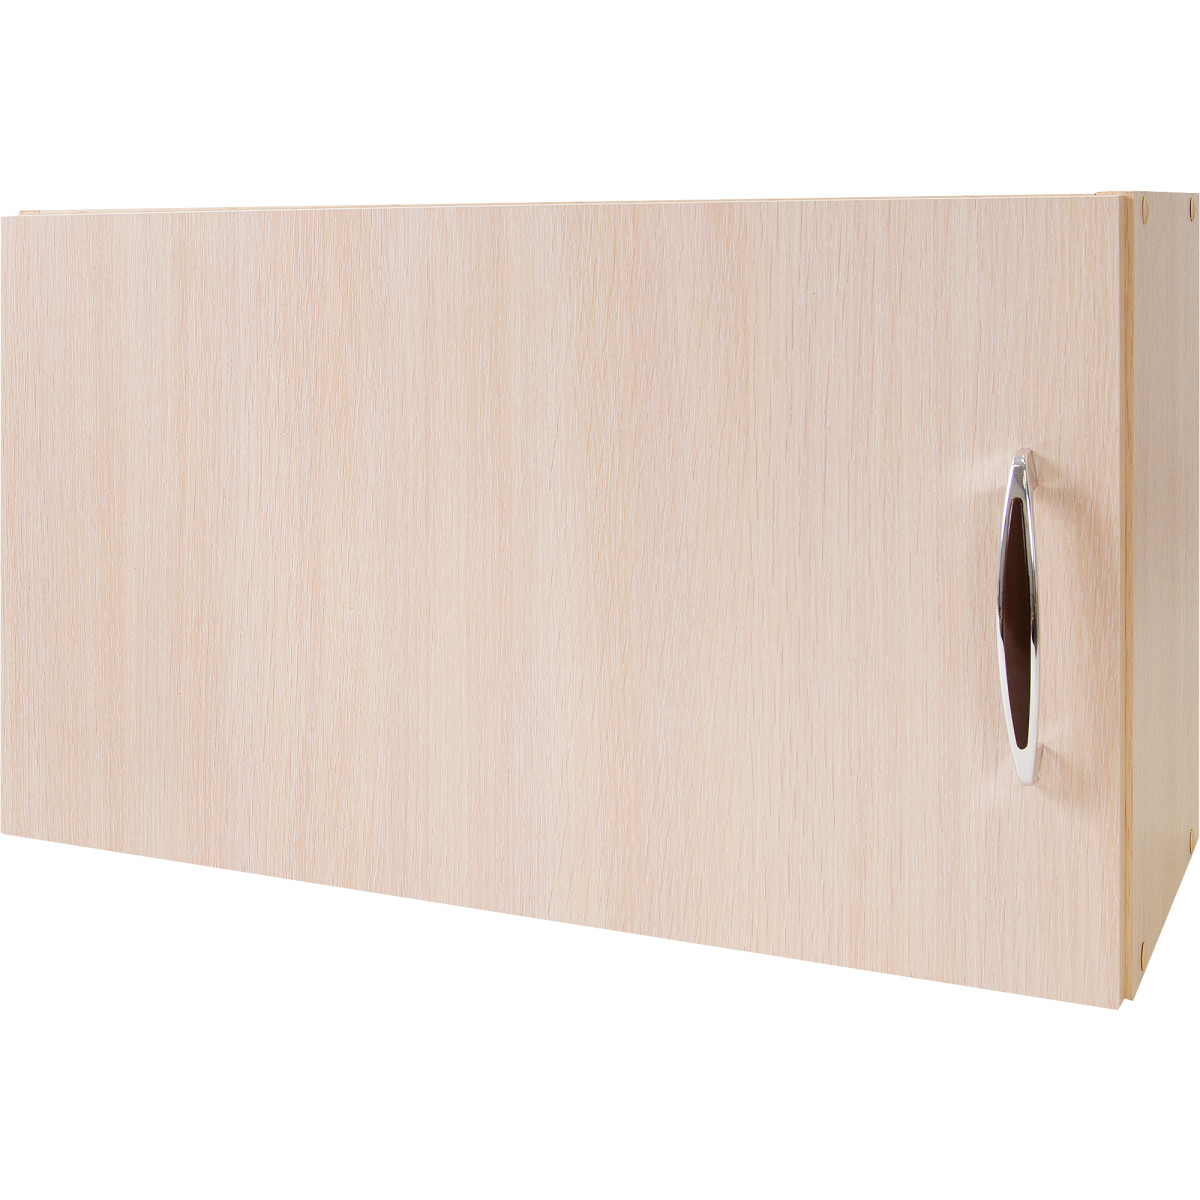 Шкаф над вытяжкой Дуб молочный Е 60 см